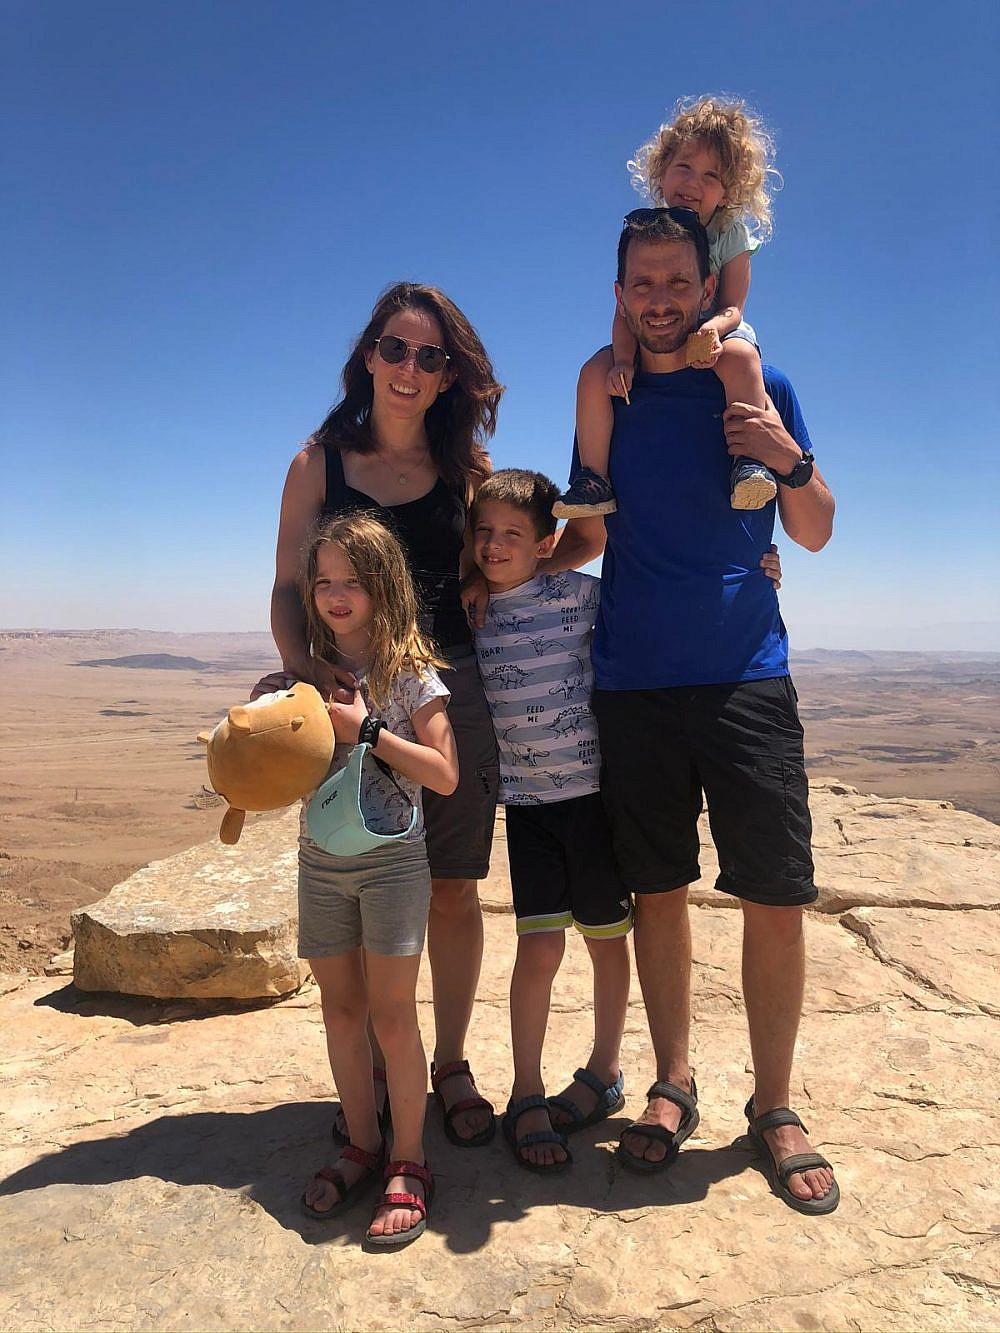 הילה קורח עם בן זוגה ושלושת ילדיהם   צילום באדיבות הילה קורח